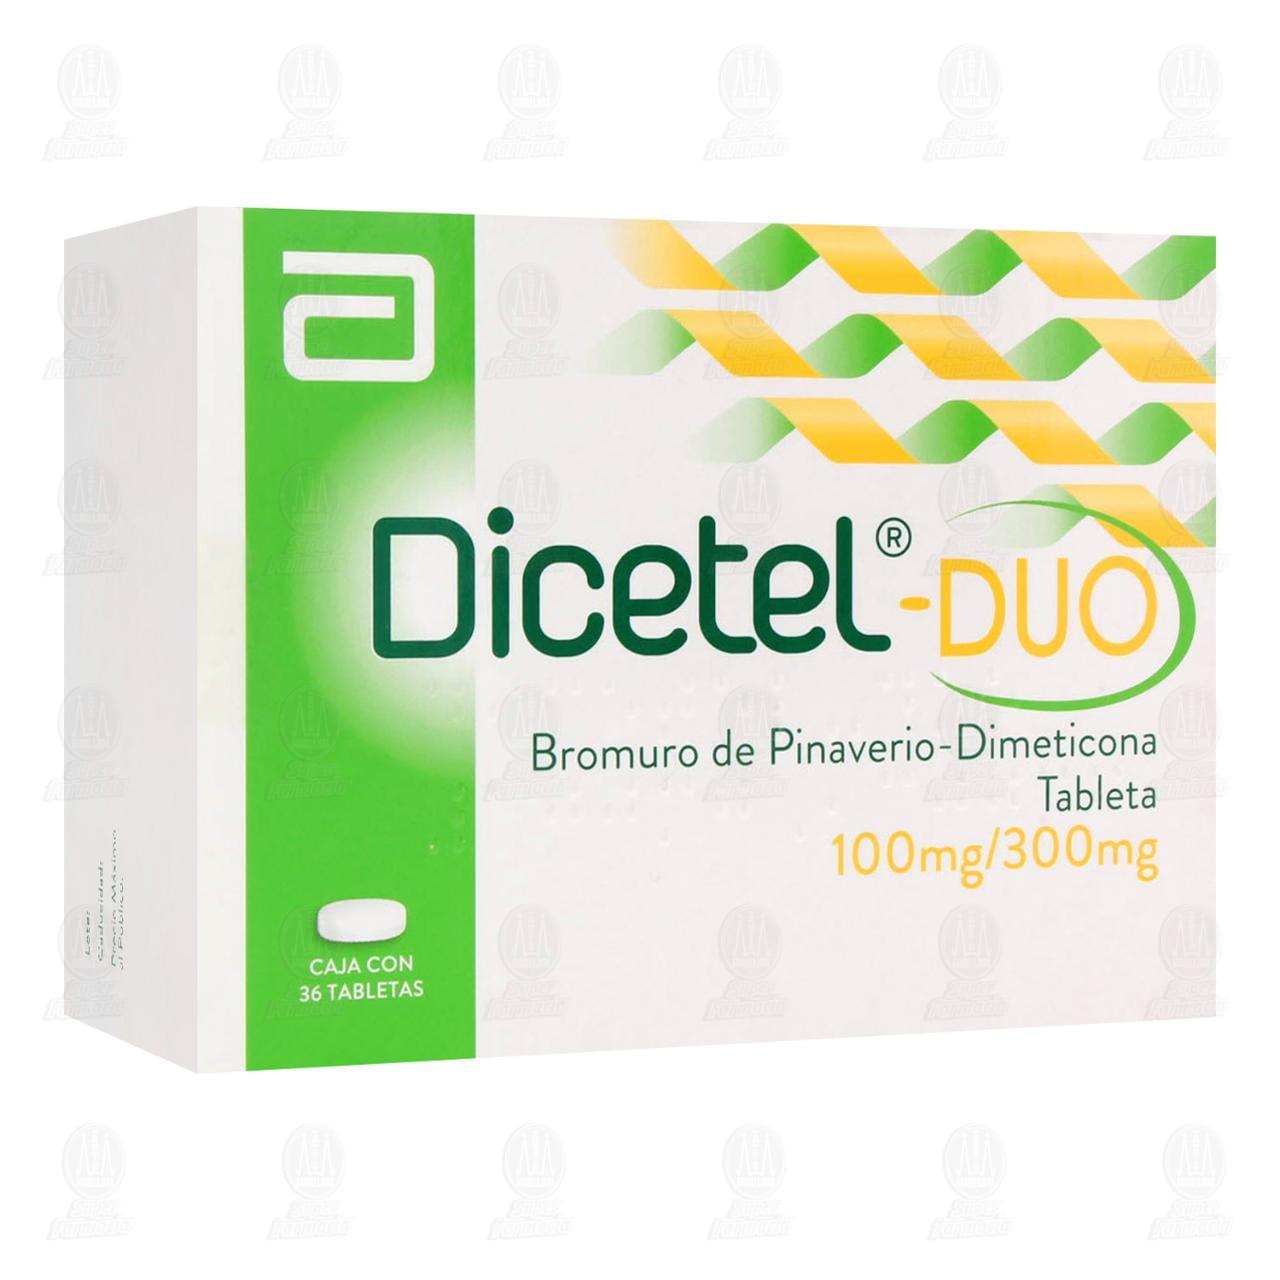 Comprar Dicetel-Duo 100mg/300mg 36 Tabletas en Farmacias Guadalajara